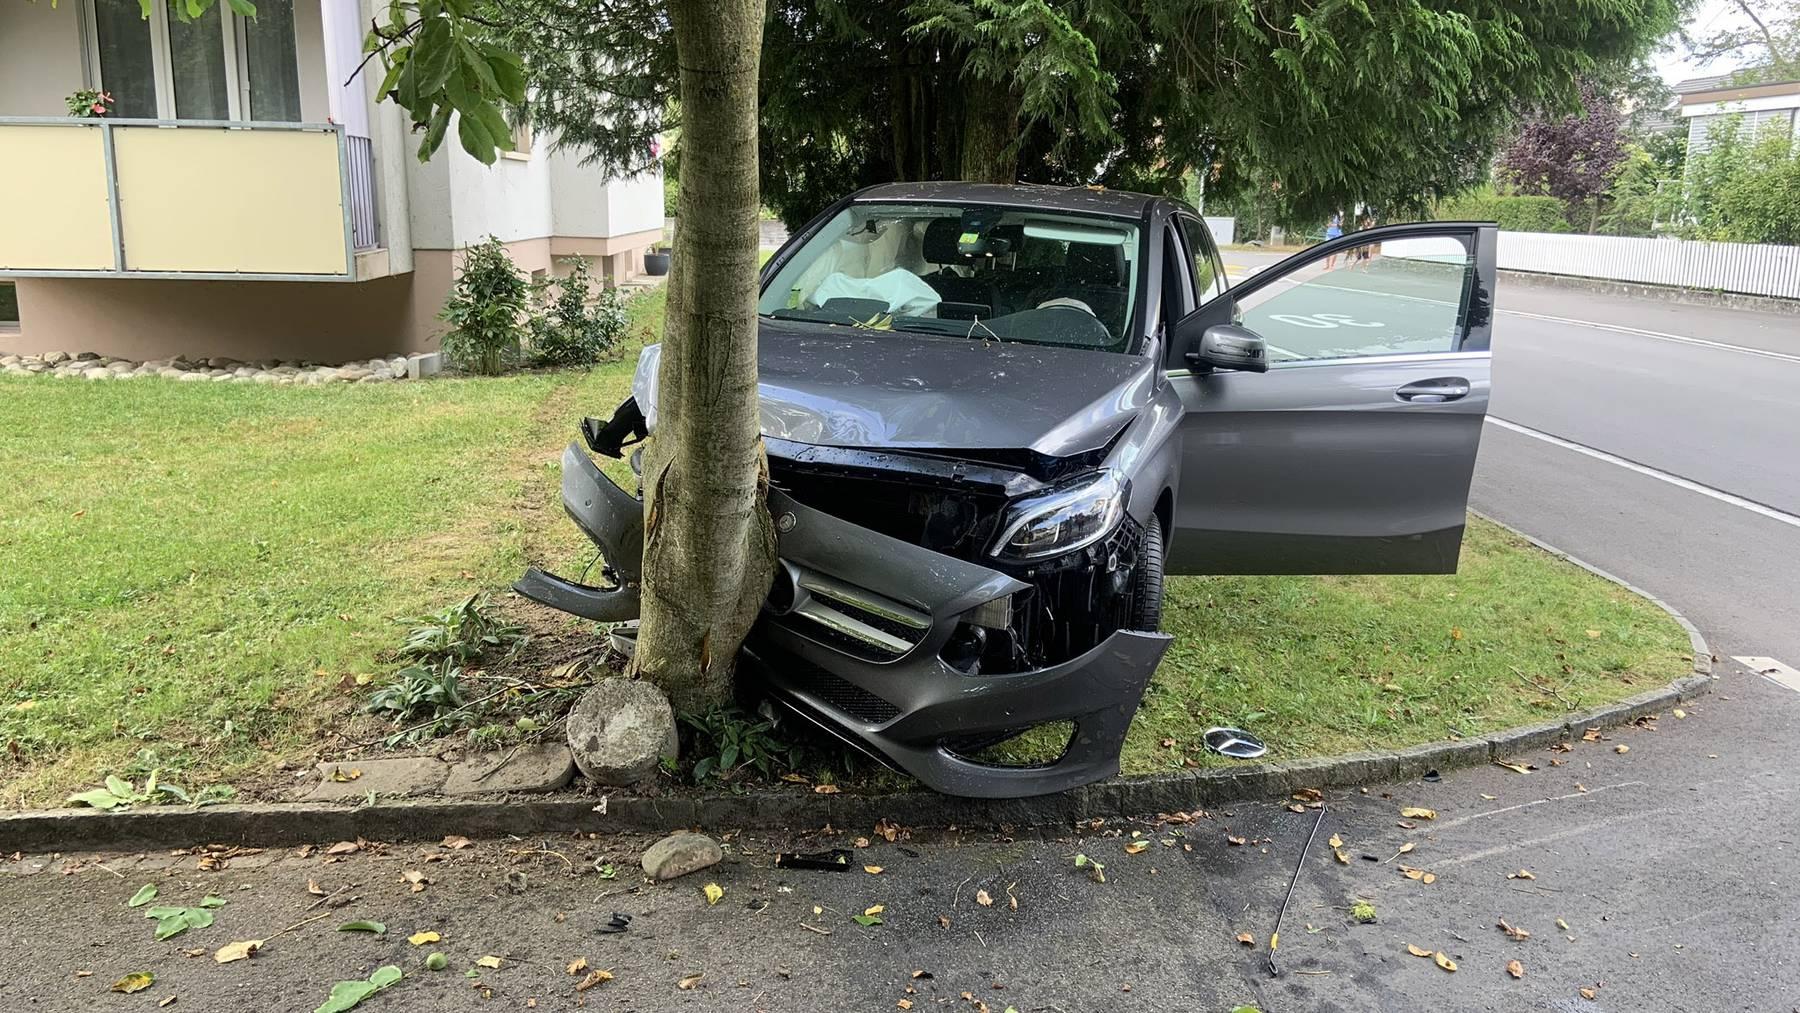 Die 68-jährige PW-Lenkerin kam von der Strasse ab und kollidierte mit einem Baum.